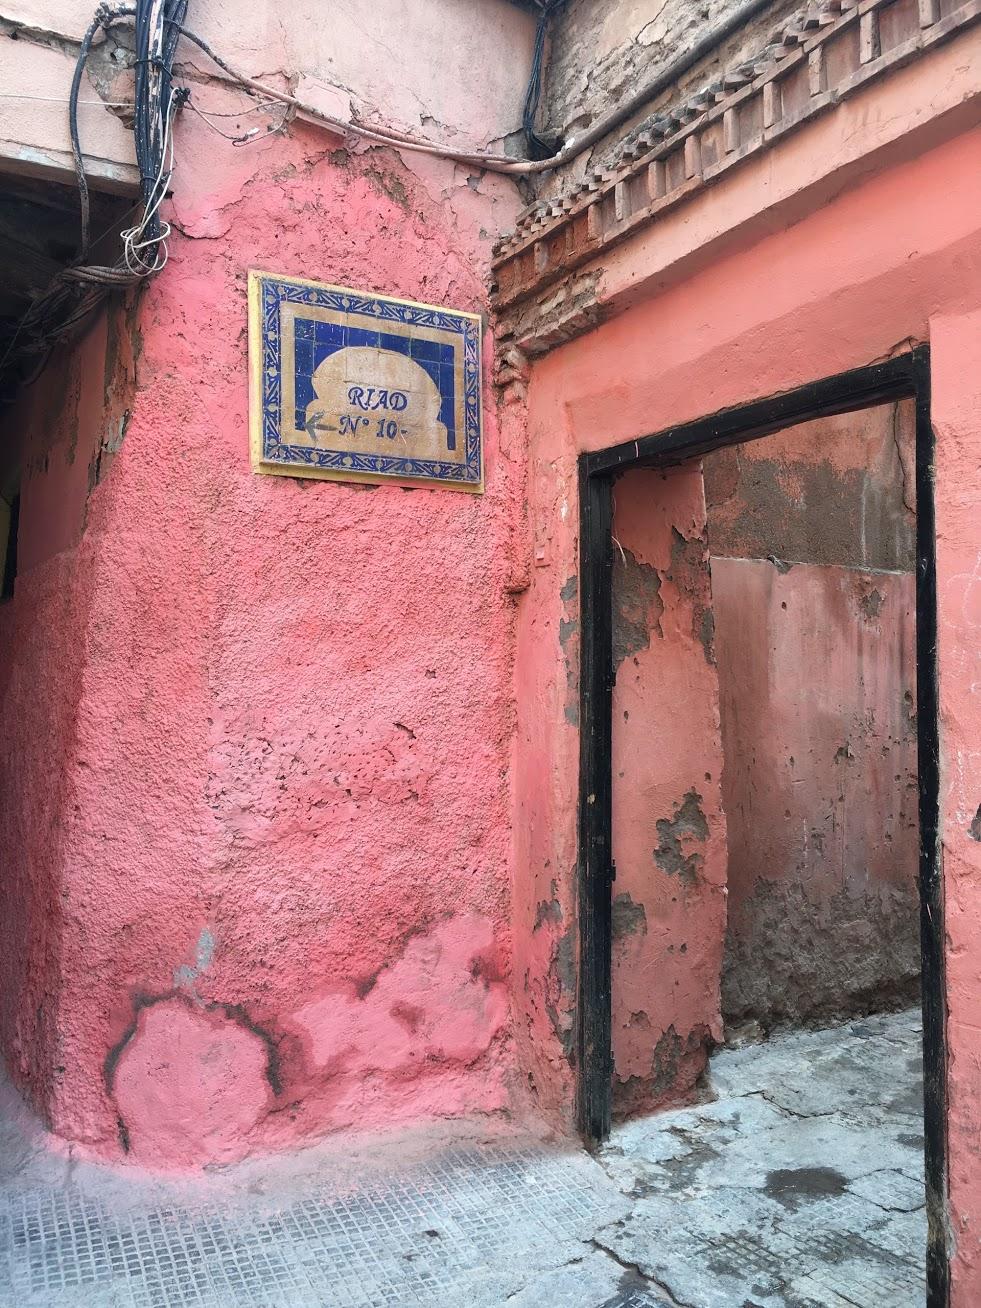 Ph: Streets of the Medina